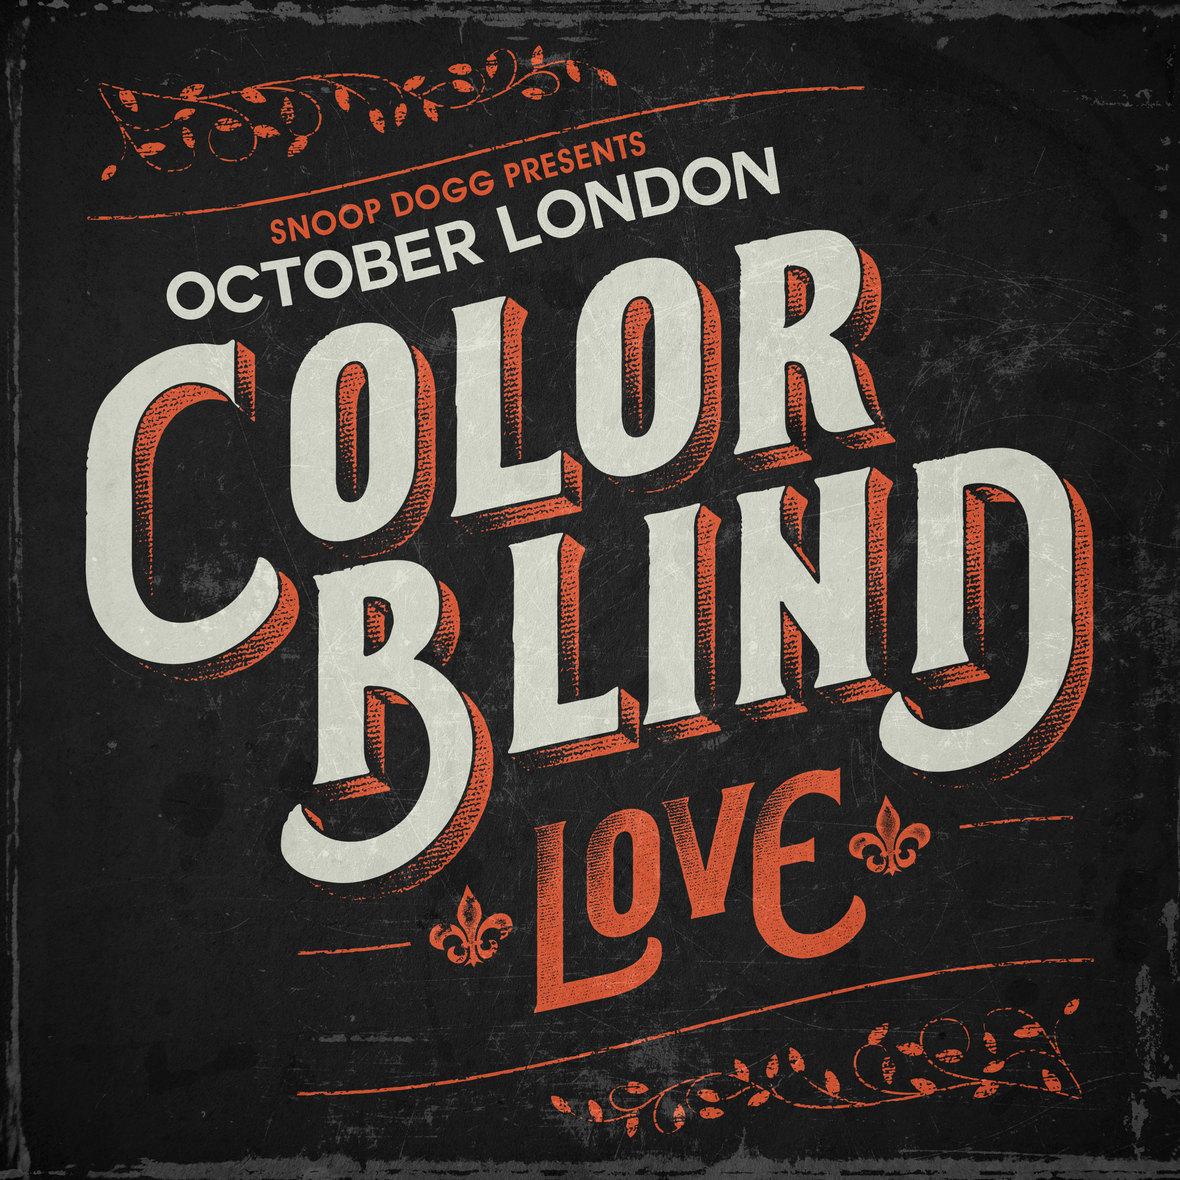 October London Color Blind Love